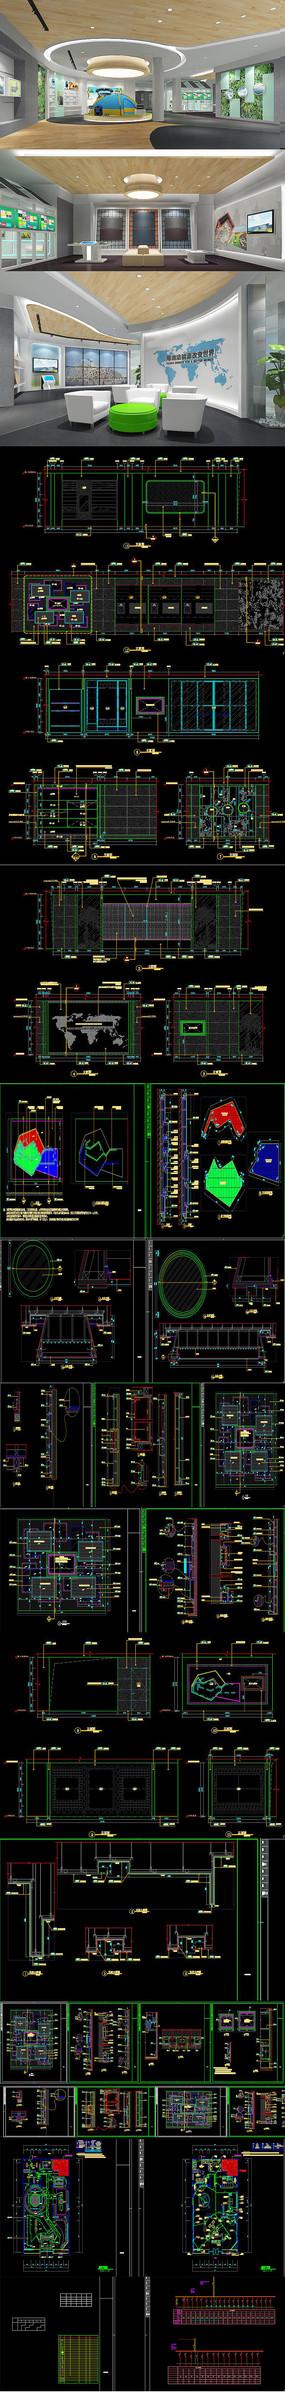 全套时尚环保科技展厅CAD施工图 效果图